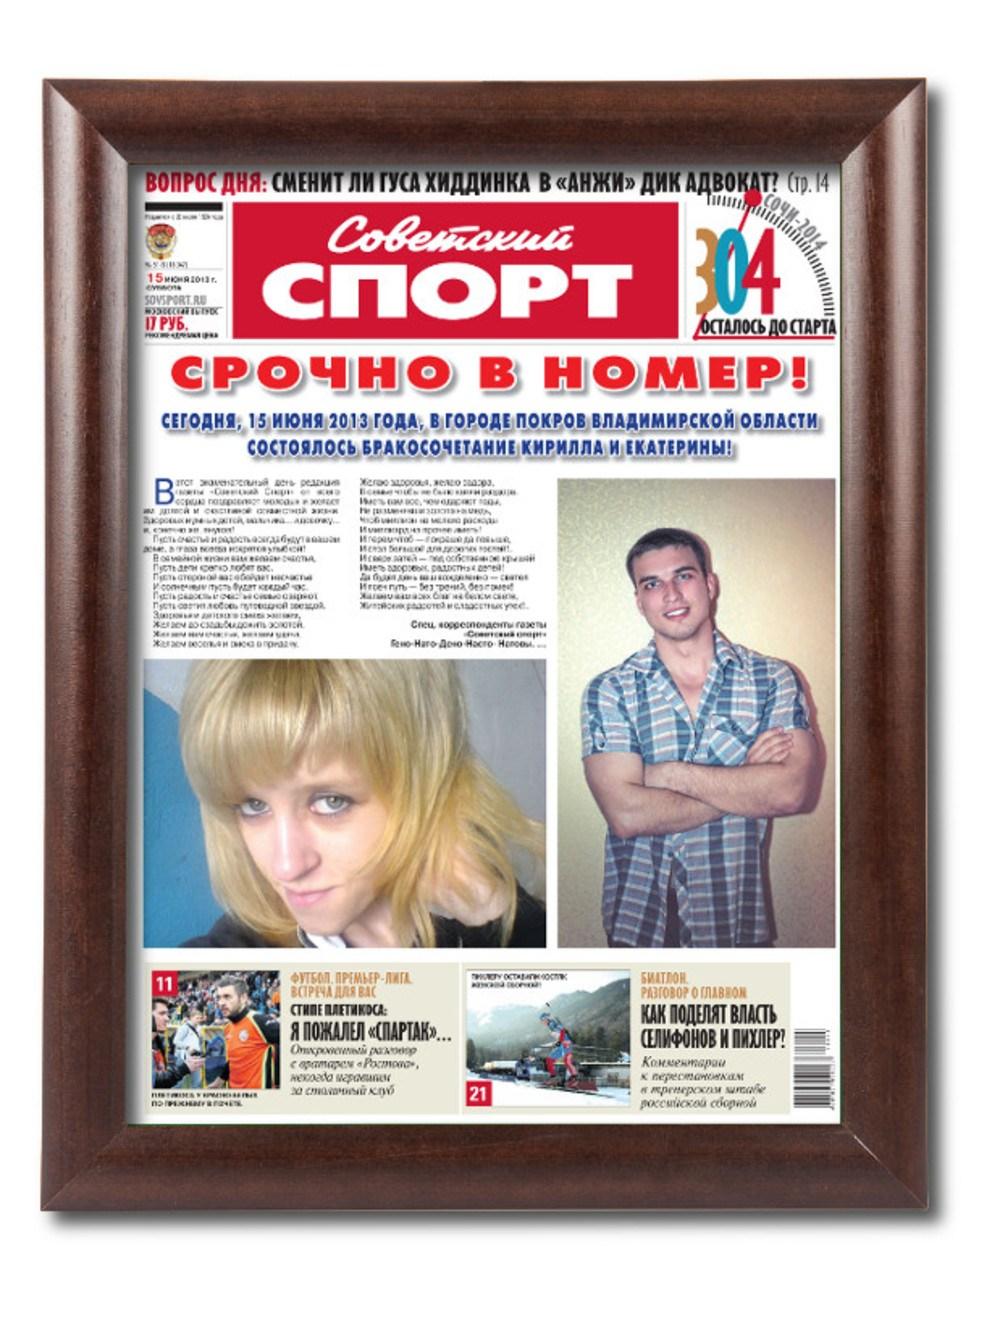 Поздравительная газета Советский спорт на свадьбы